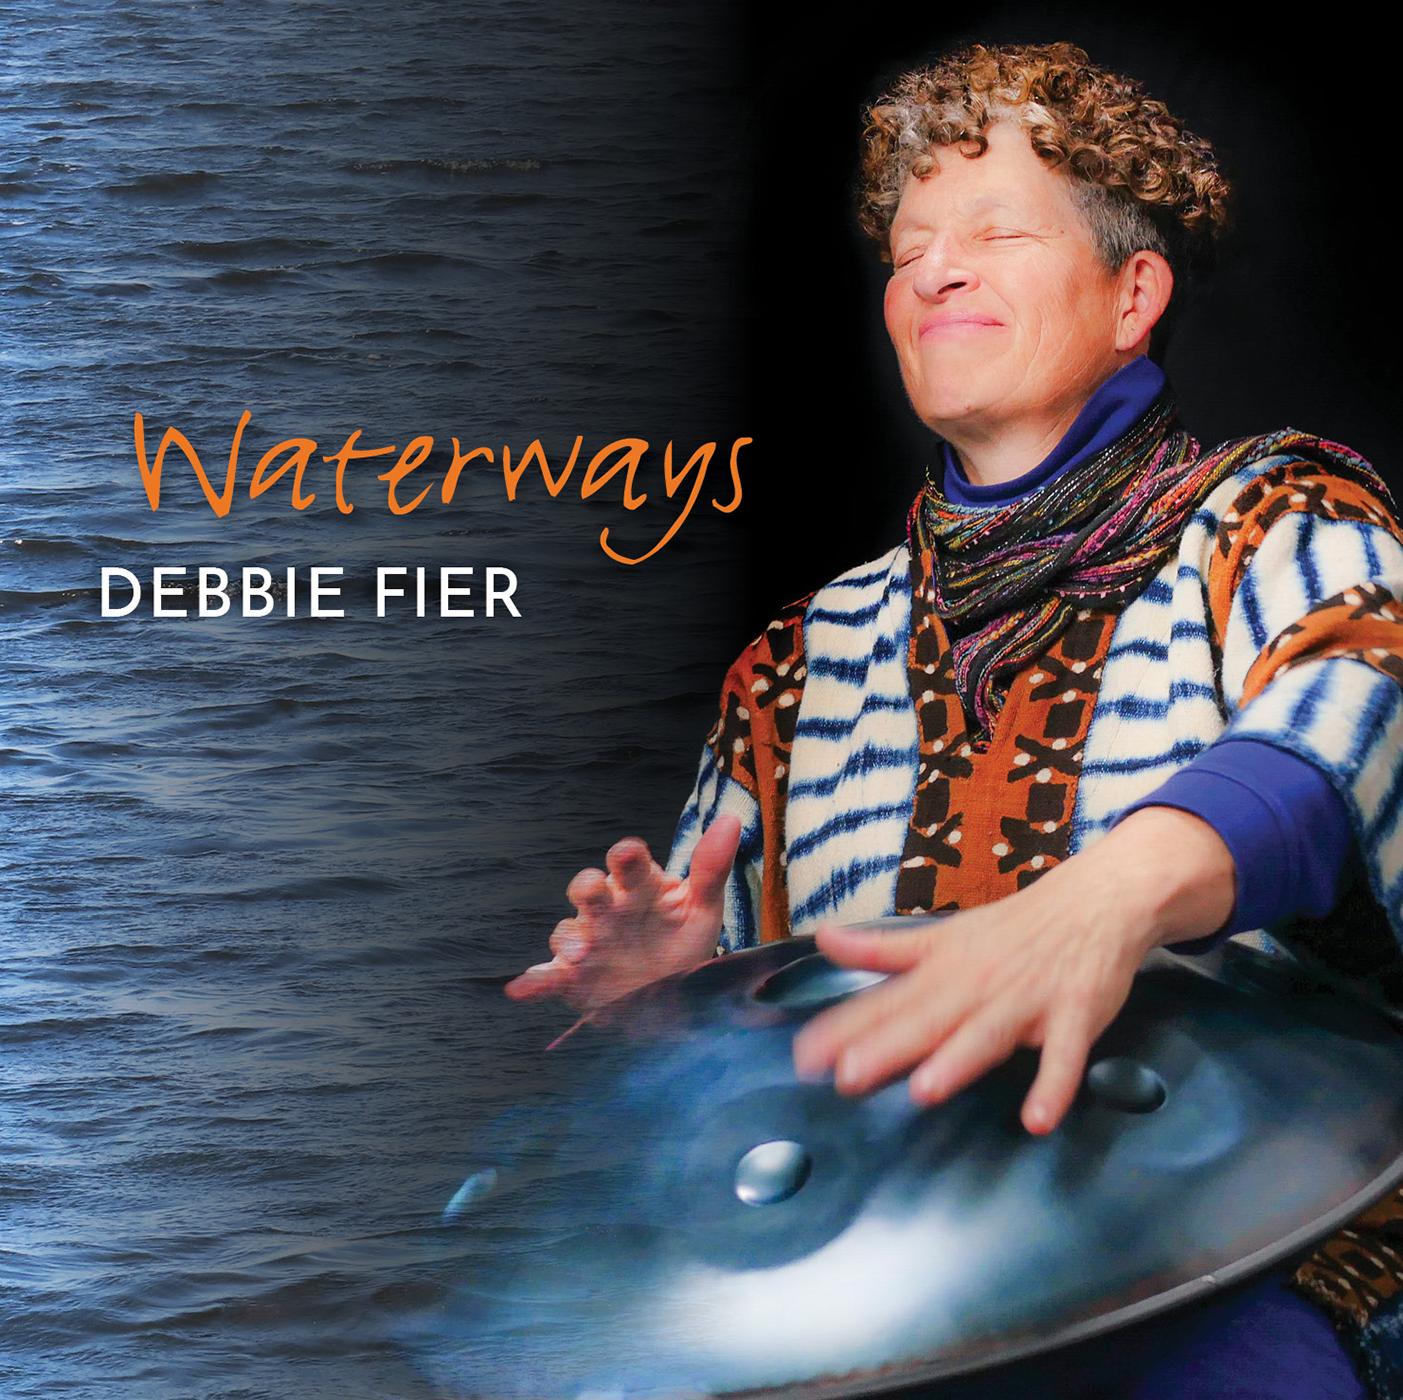 Debbie Fier, Waterways